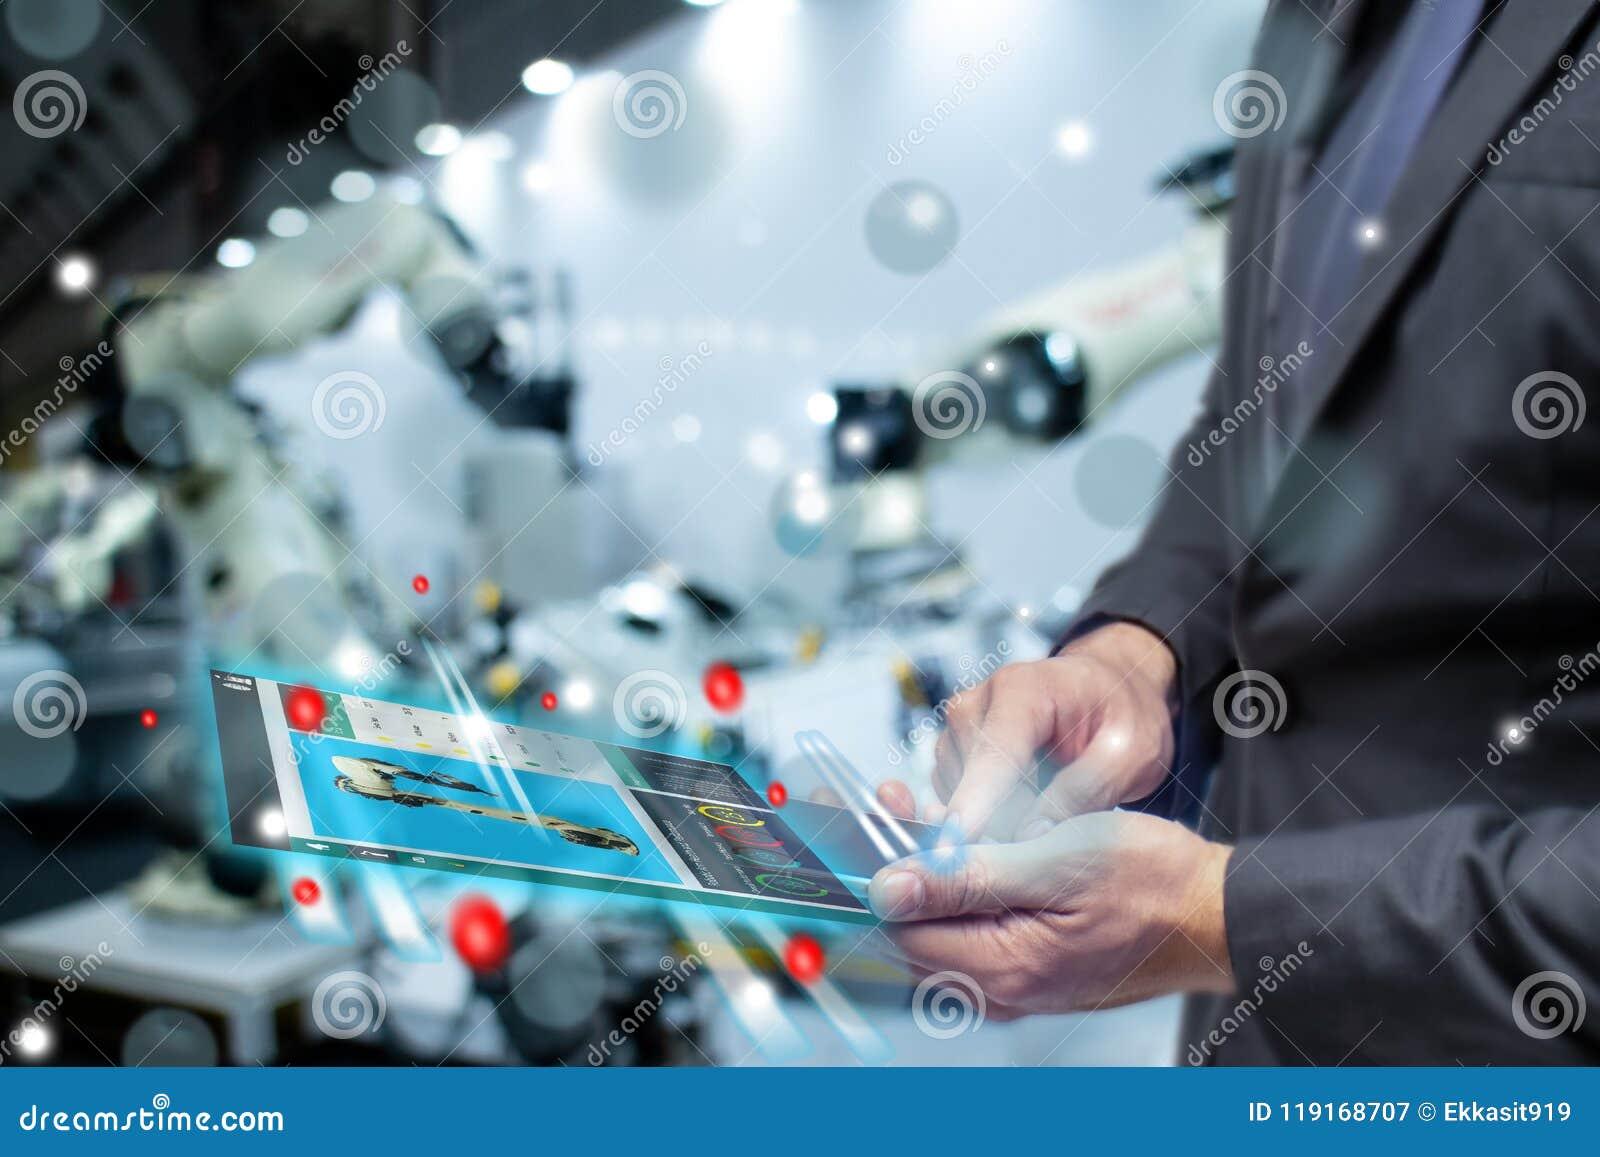 Iot internet lub inteligencja rzeczy w przemysłowym pojęcia, biznesu lub inżyniera use, zwiększaliśmy mieszaną rzeczywistość wirt